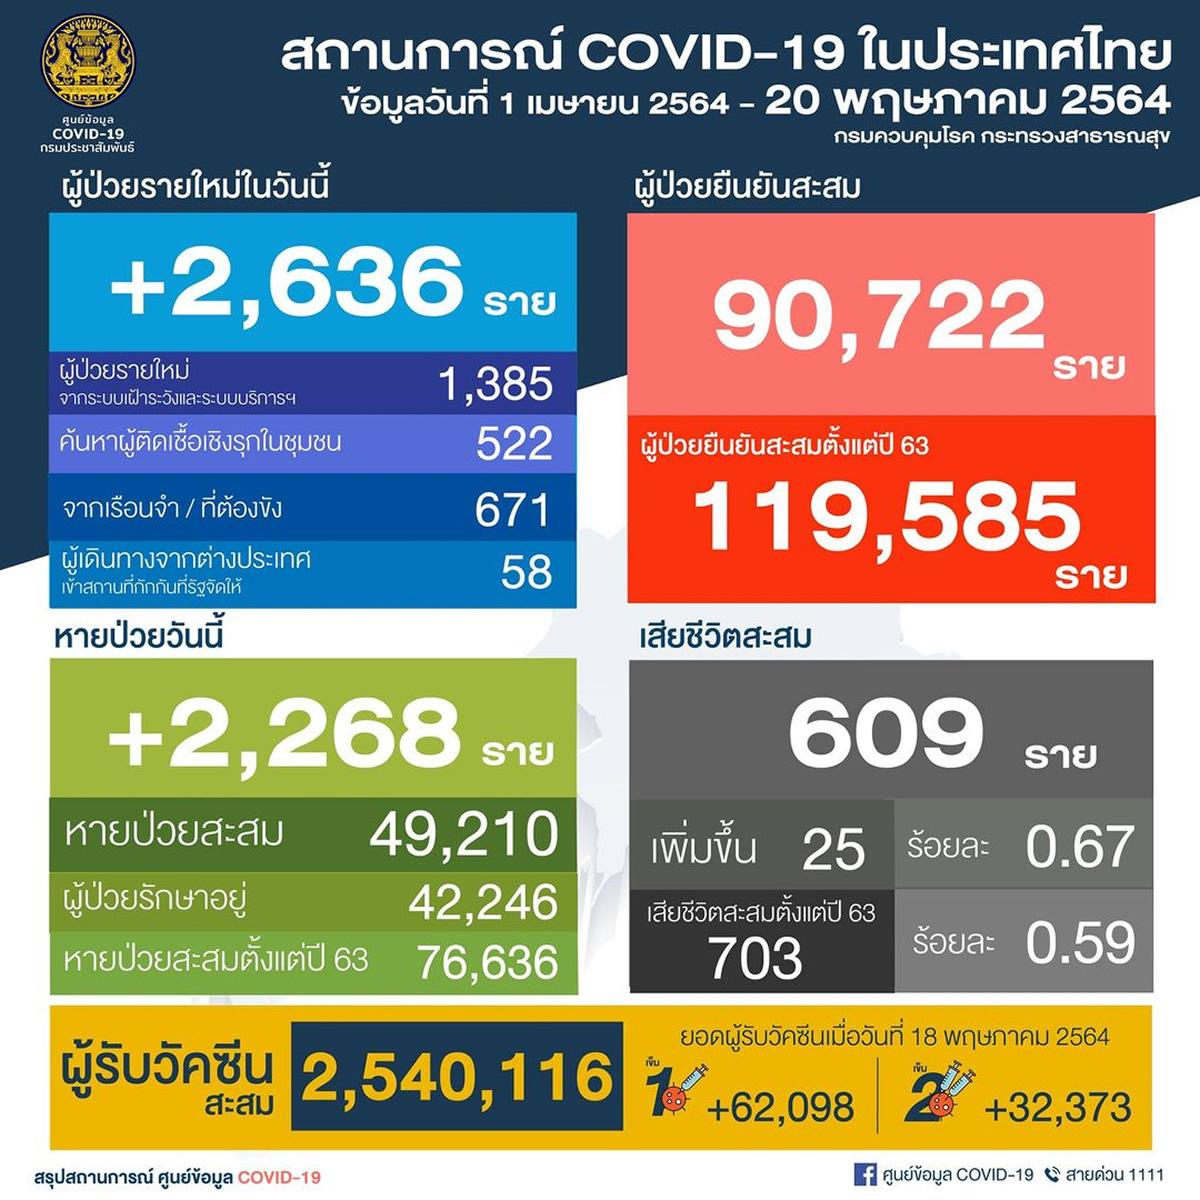 タイ 1日で陽性2,636人/バンコク1,001人[2021年5月20日発表]